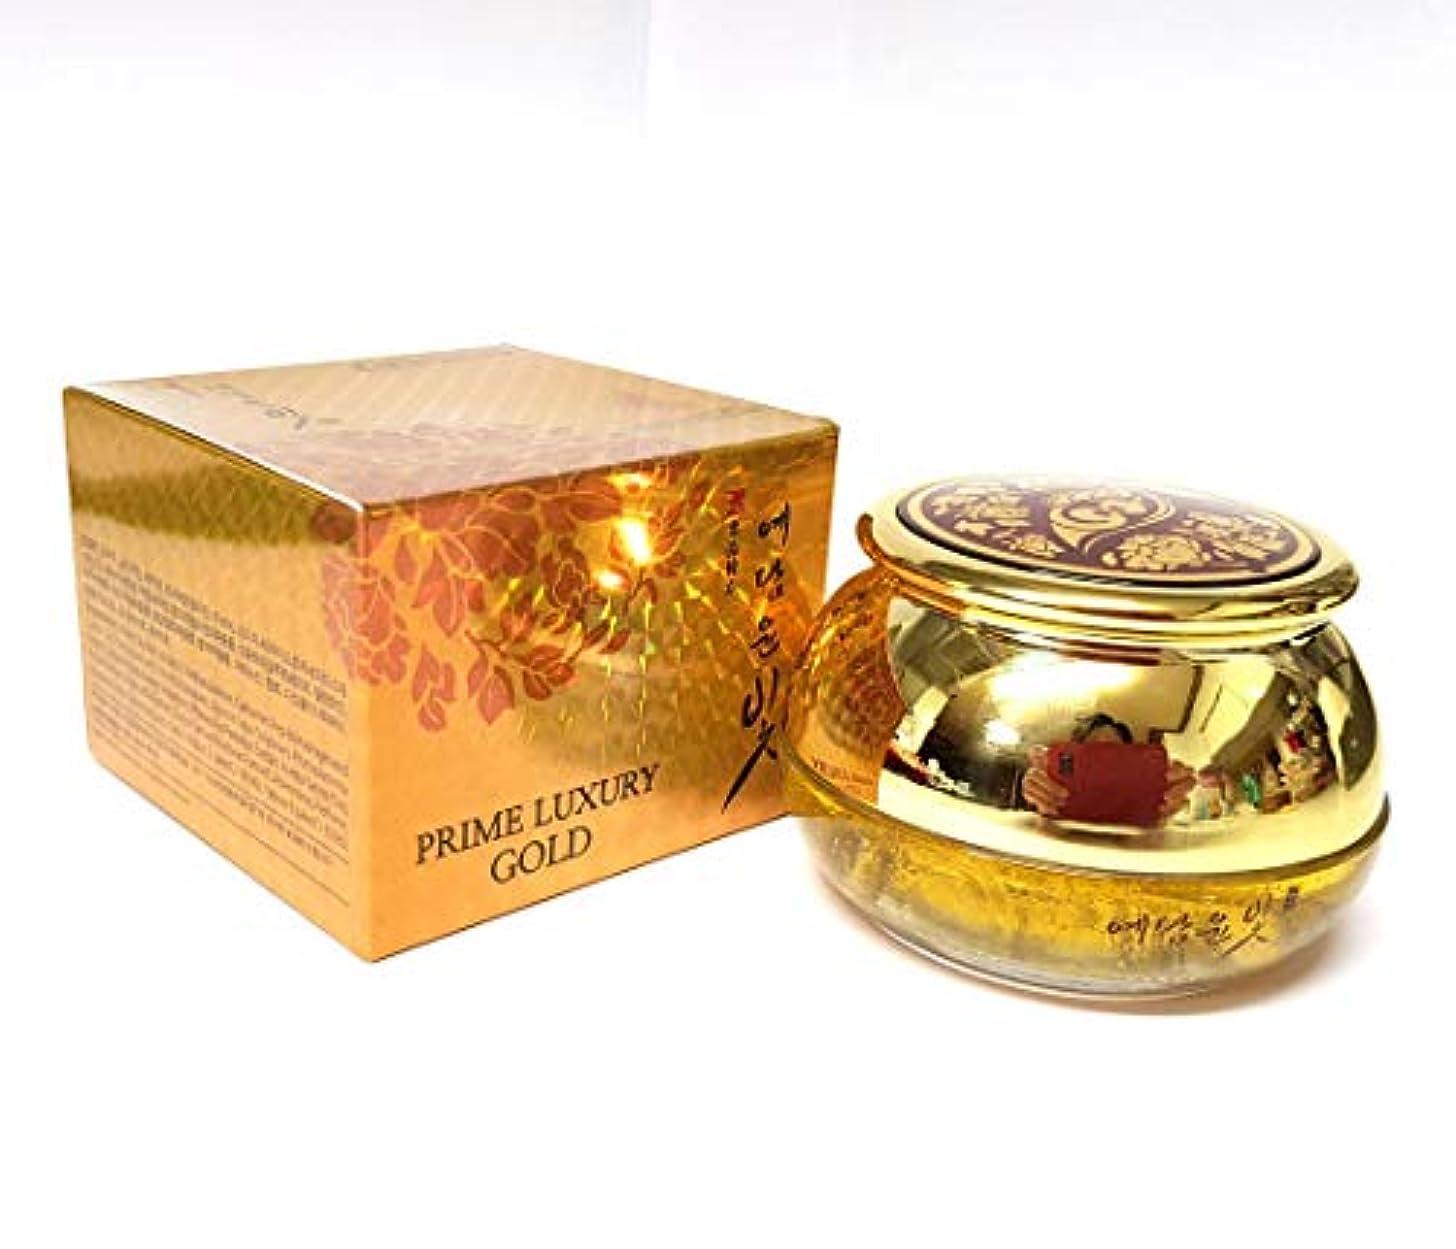 四面体過敏なクリープ[YEDAM YUNBIT] プライムラグジュアリーゴールドリフティングクリーム50g/ Prime Luxury Gold Lifting Cream 50g /ゴールドエキス/gold extract/しわ改善、保湿...